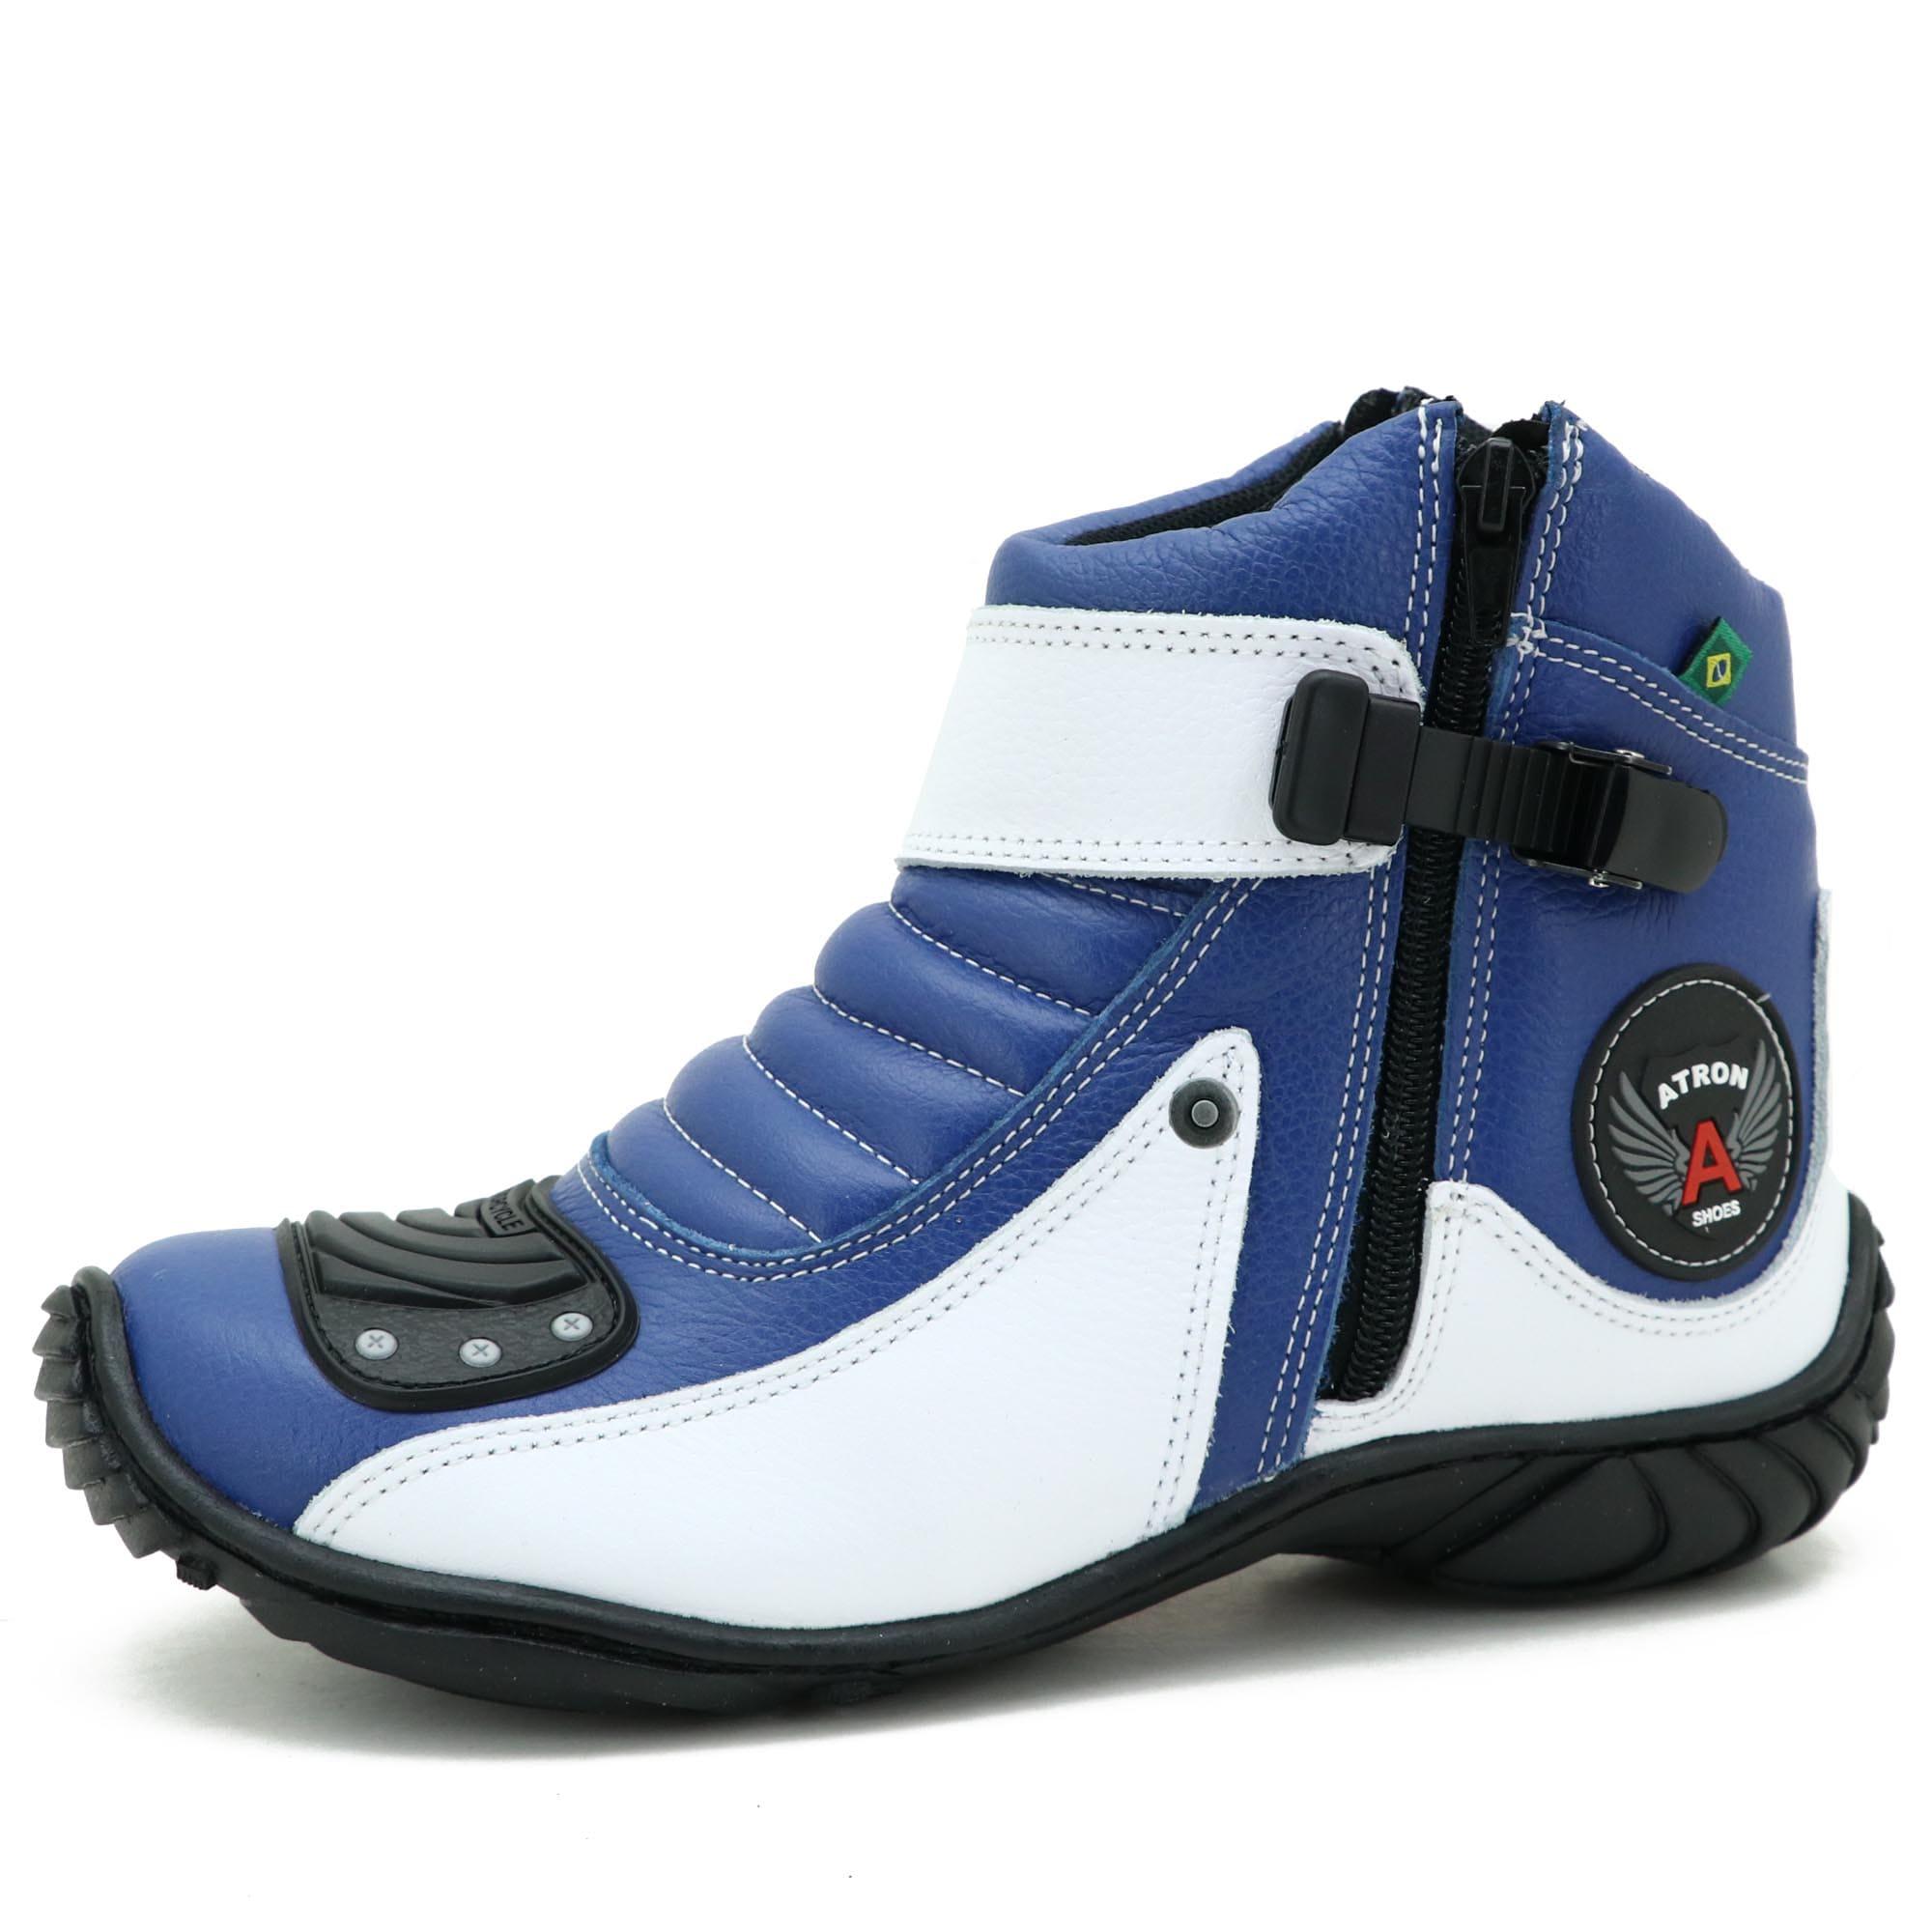 Bota semi impermeável motociclista em couro legítimo azul e branco 271 com chinelo estampado